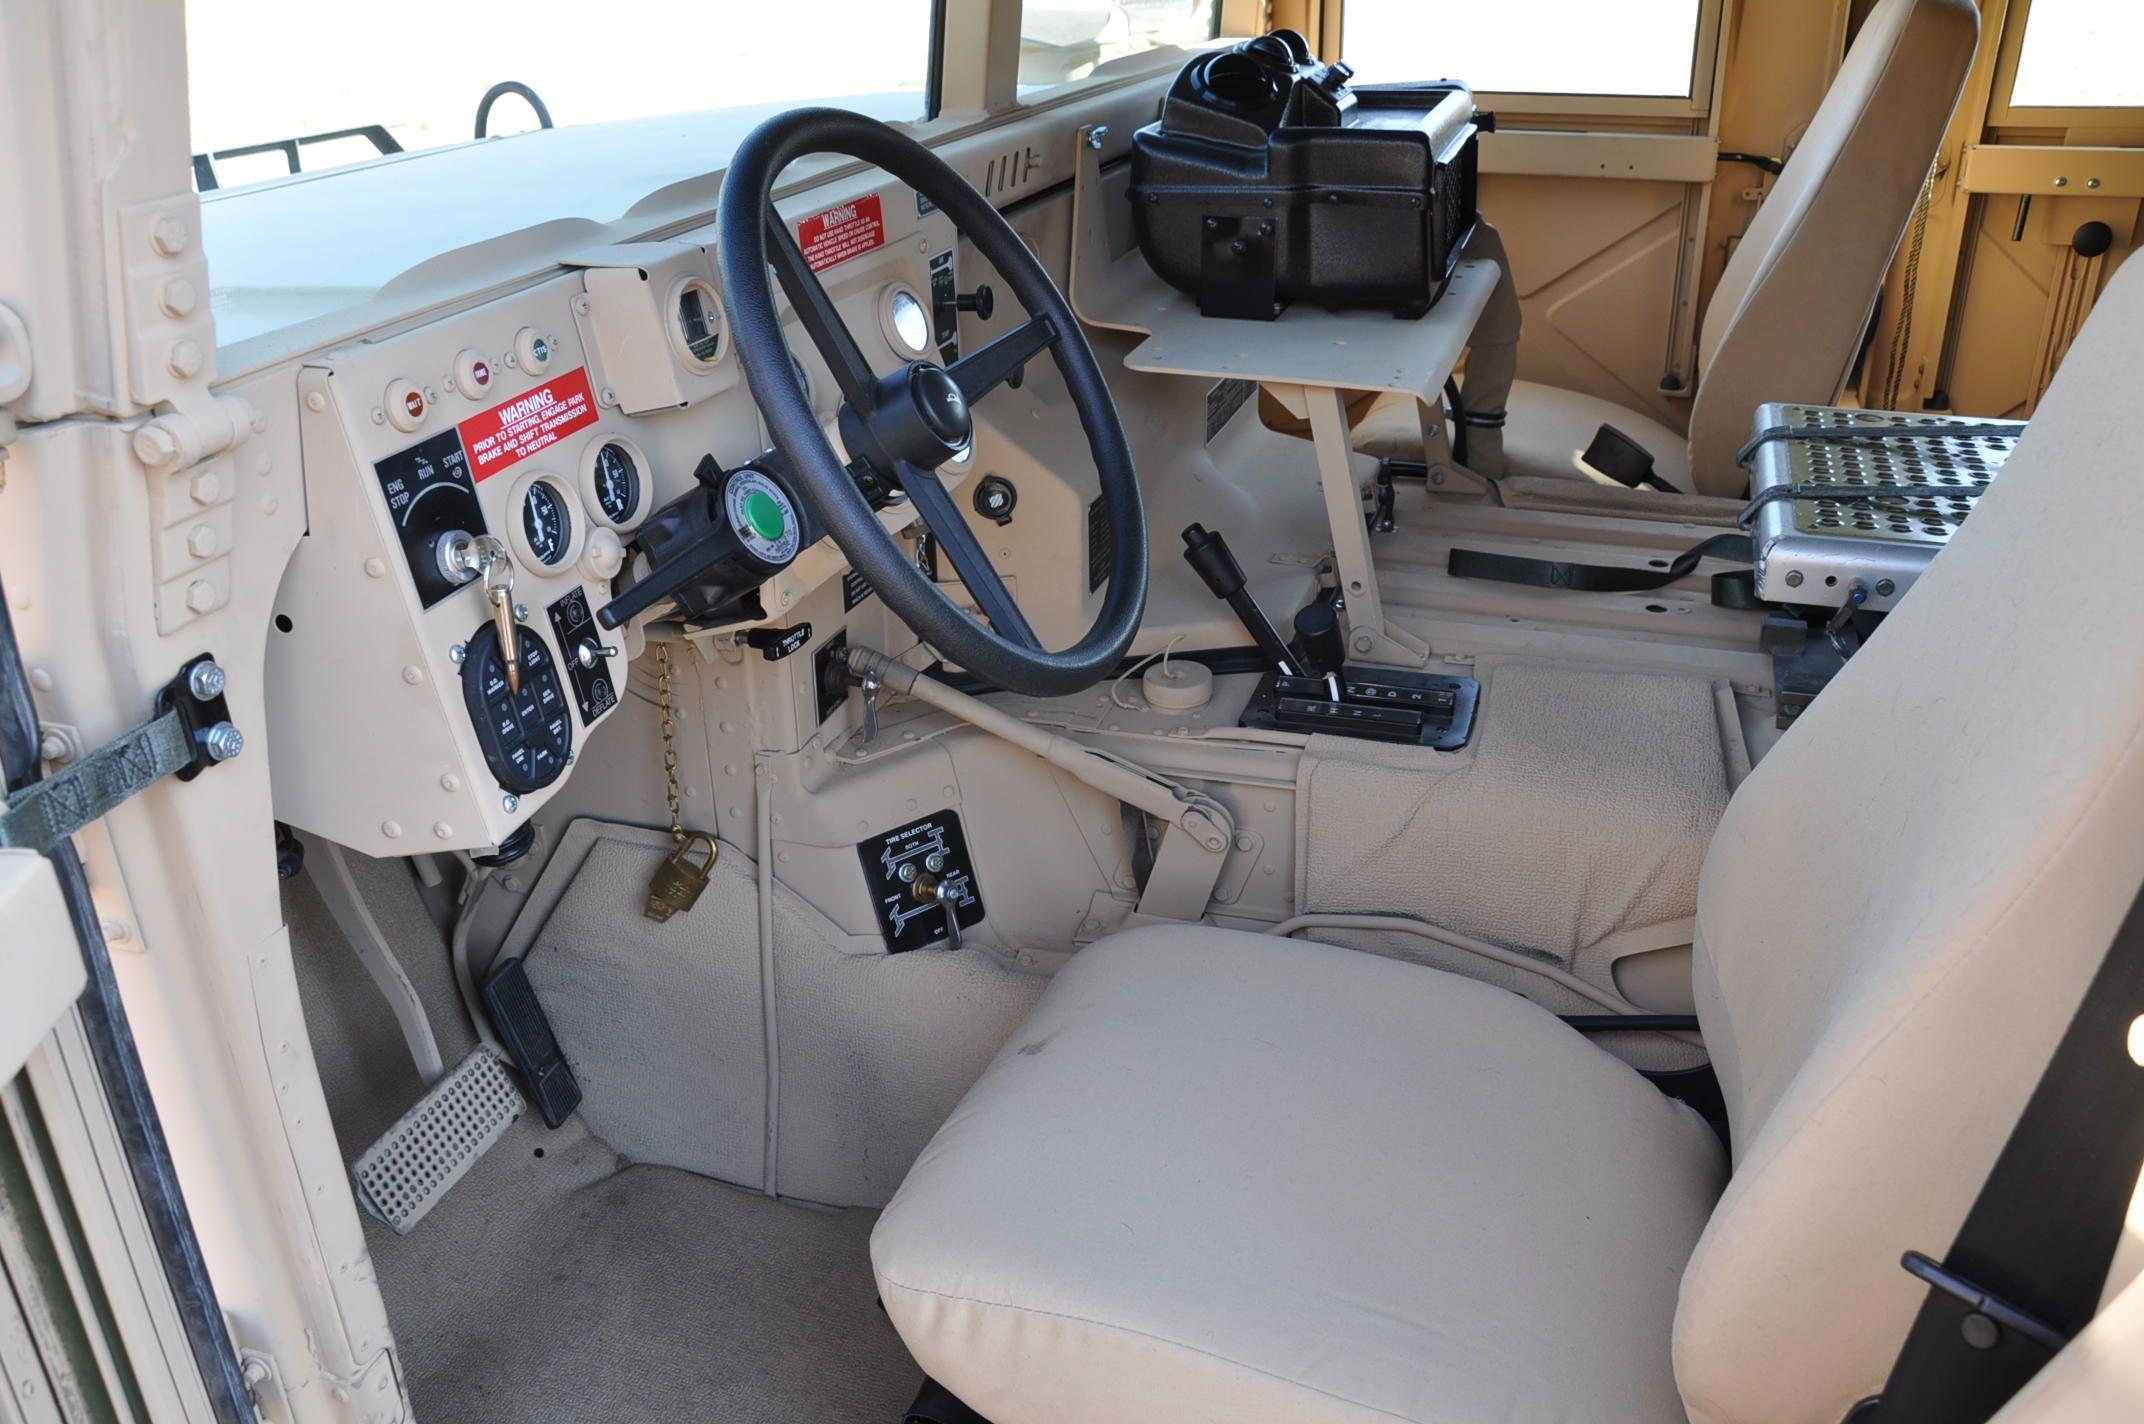 Used H1 Custom H1, Humvee HMMWV Builds, Accessories